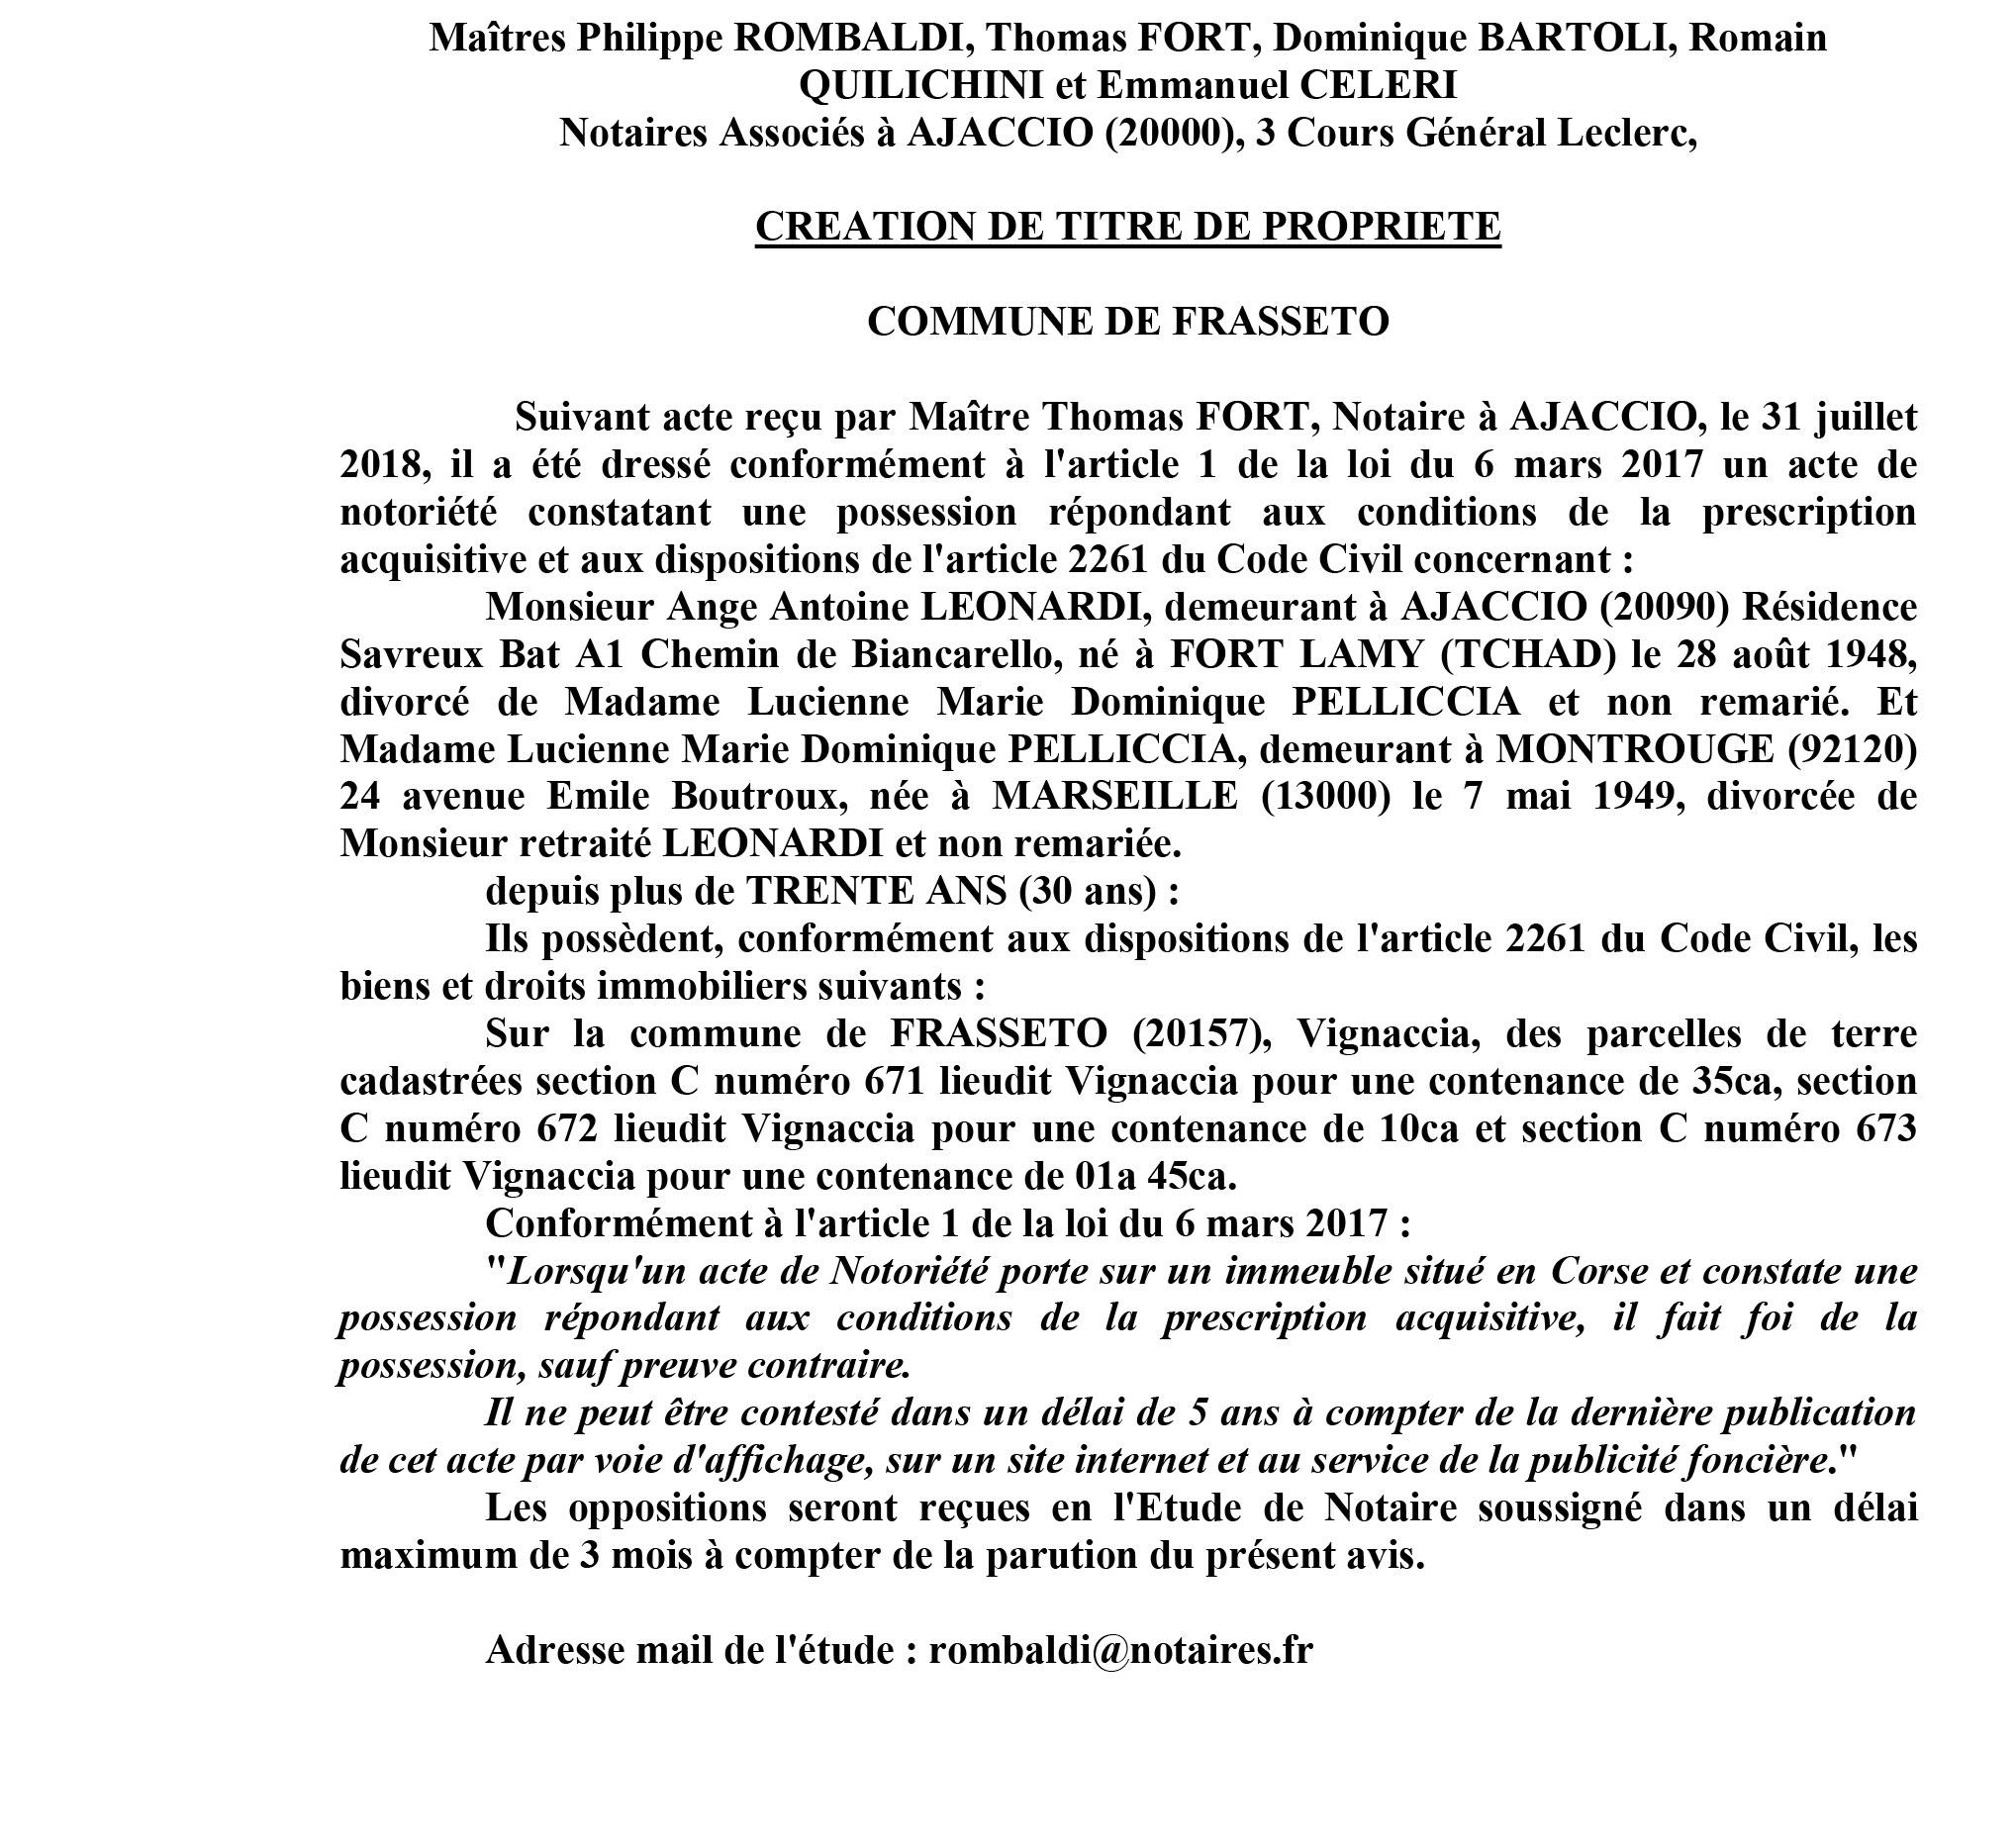 Avis de création de titre de propriété - commune de Frasseto (Corse du Sud)